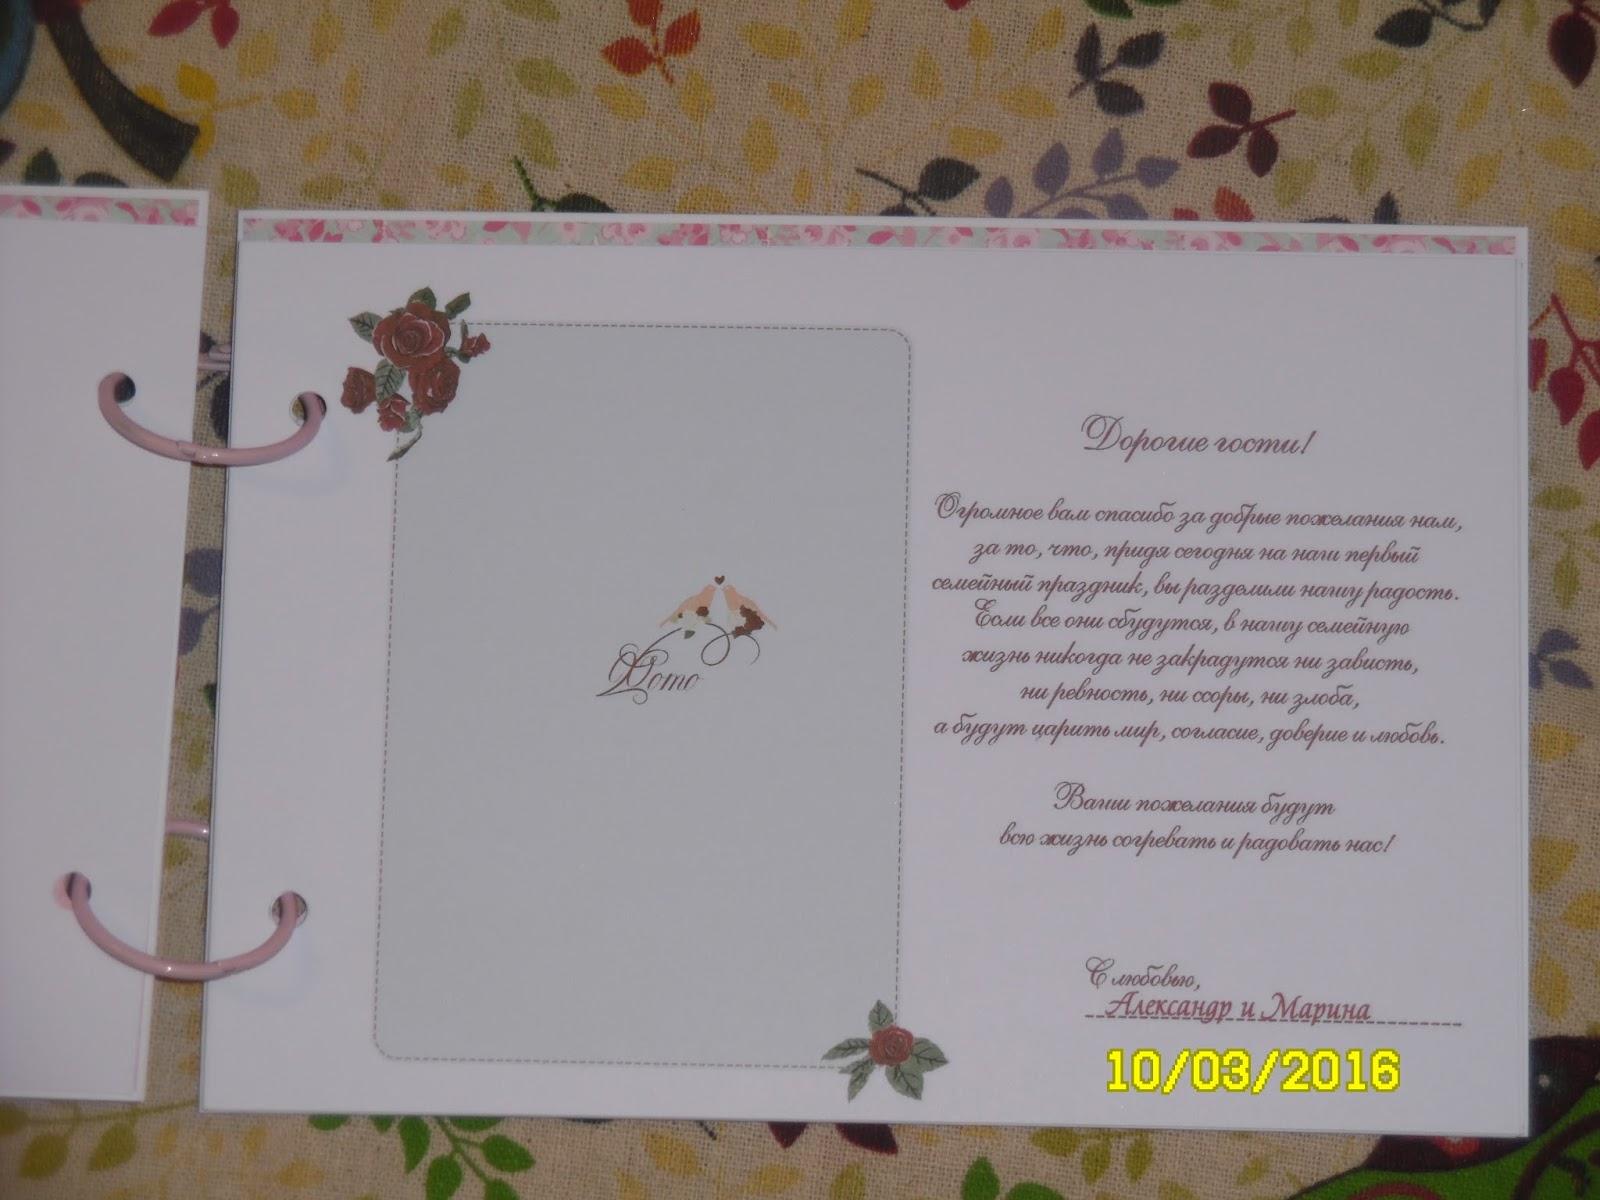 Поздравления с днем свадьбы племяннице, племяннику